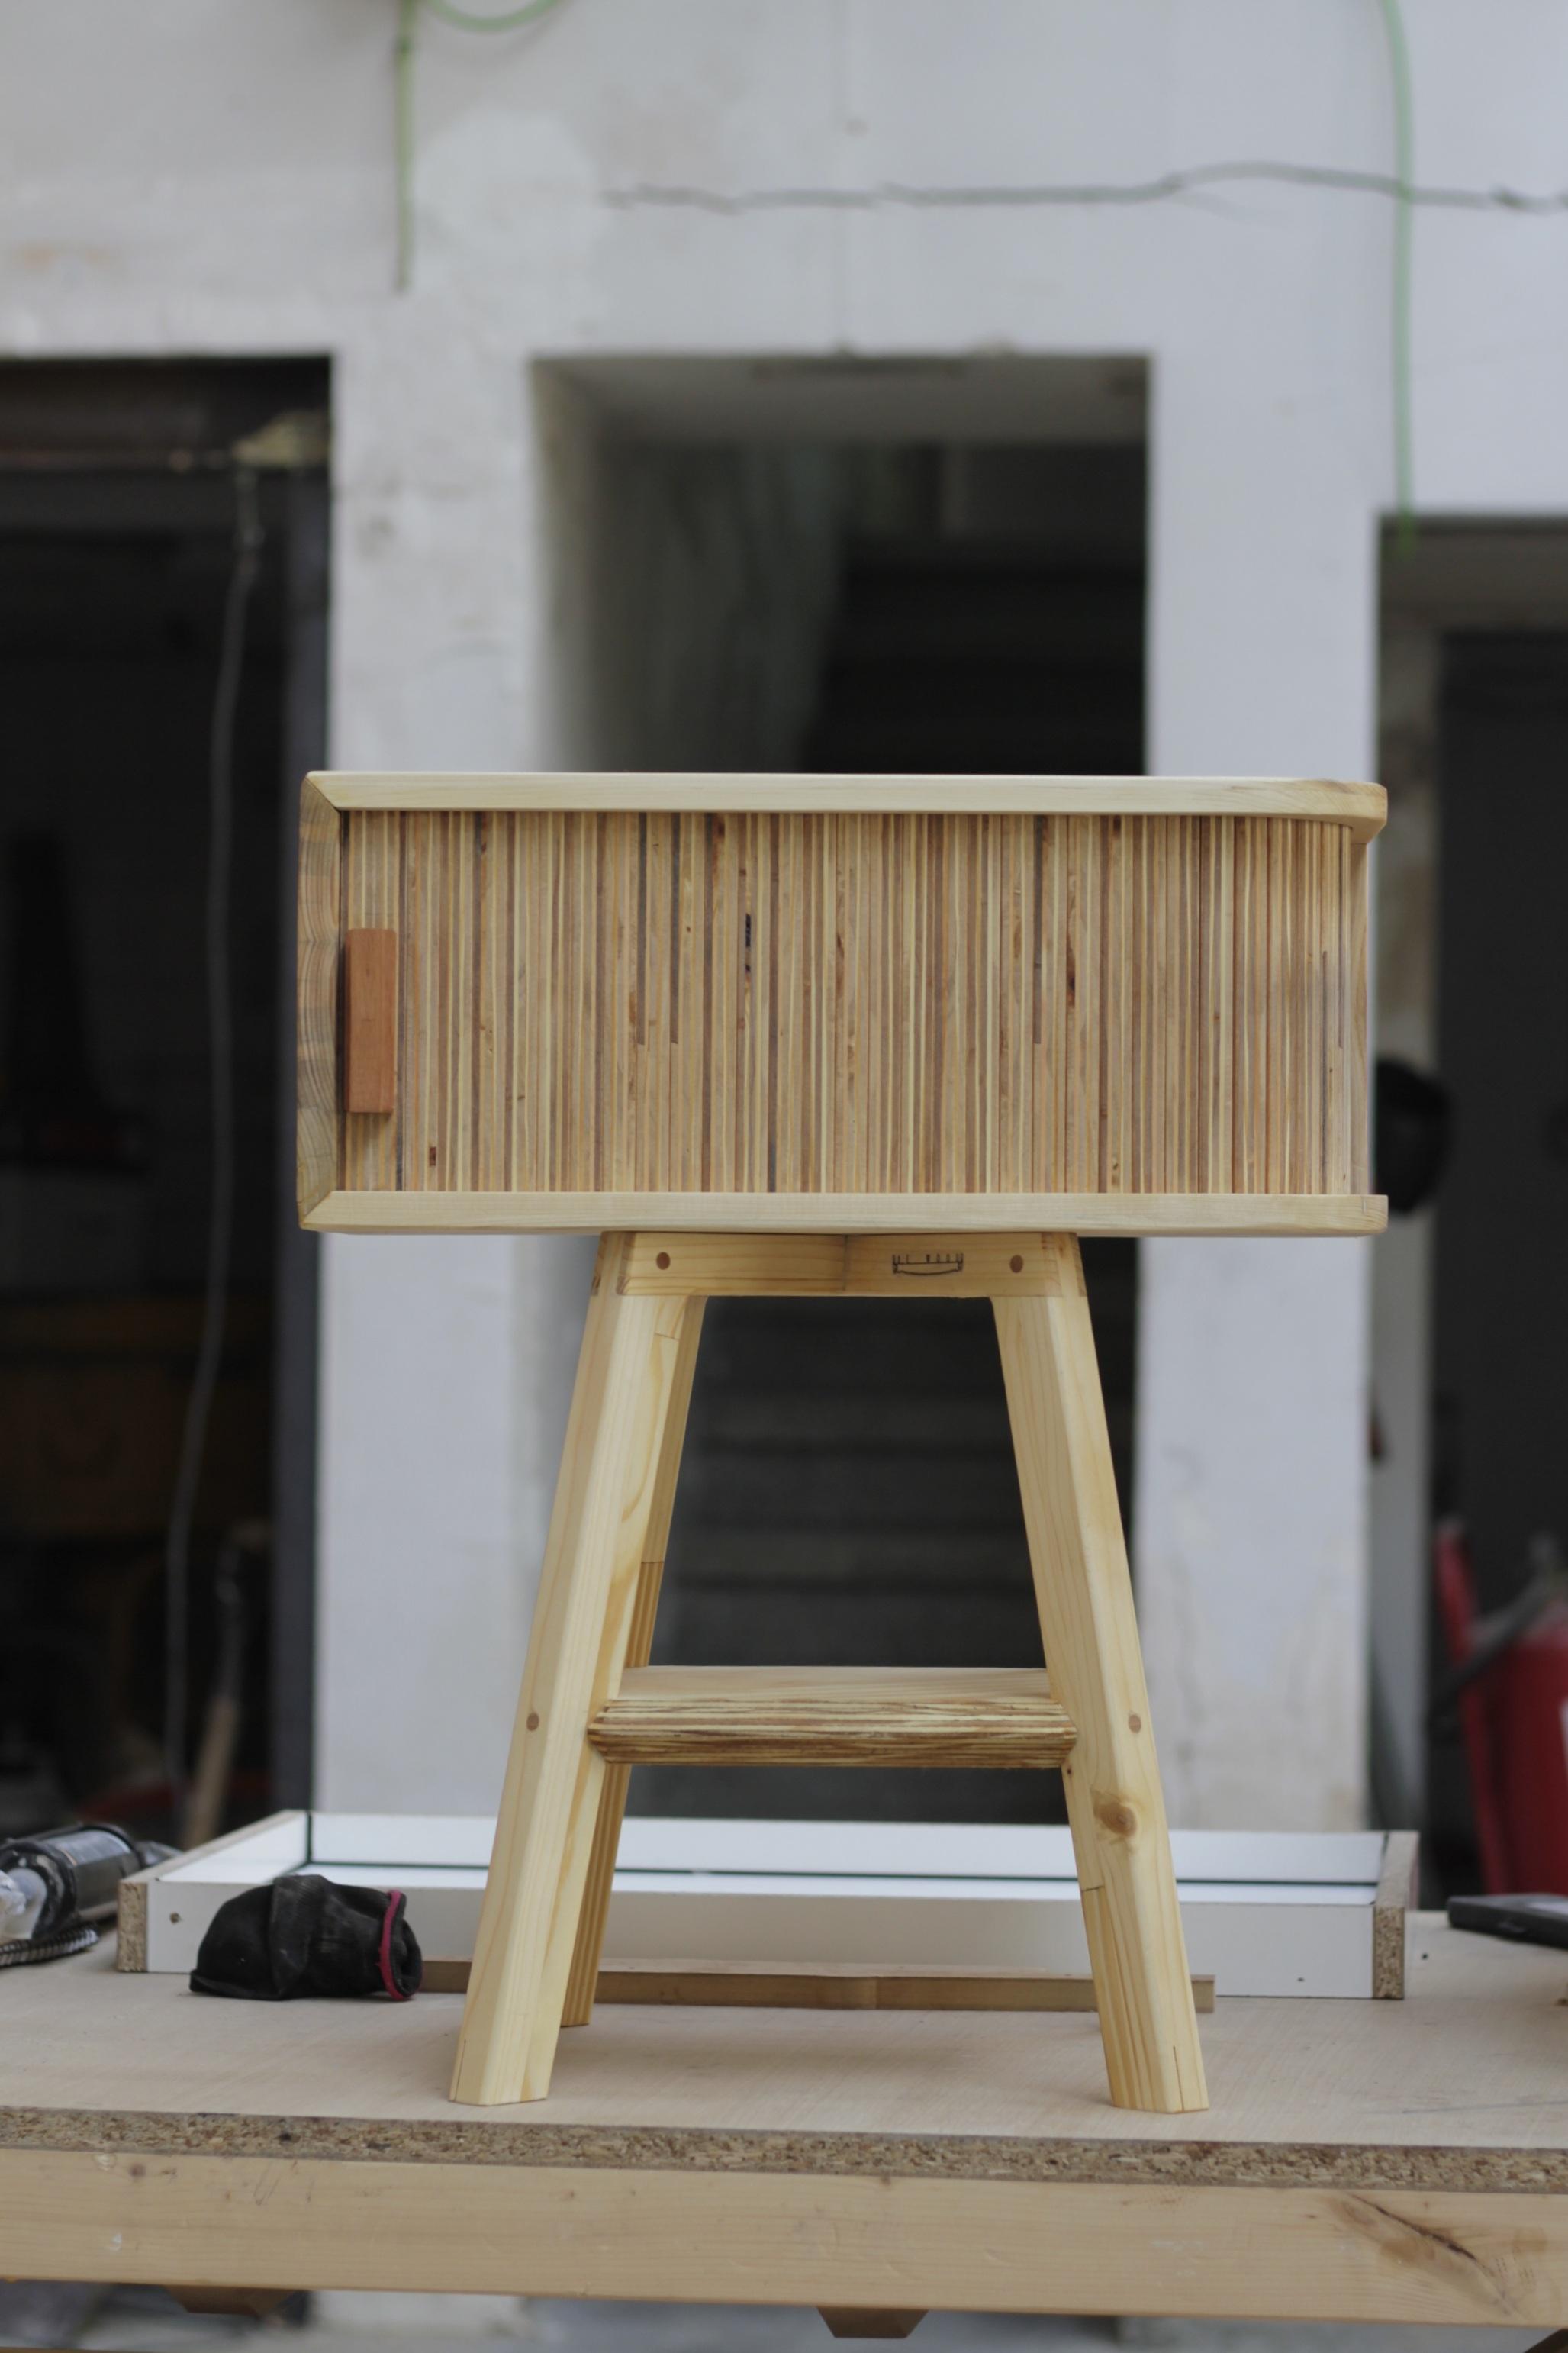 proyecto de mesa con puerta persiana